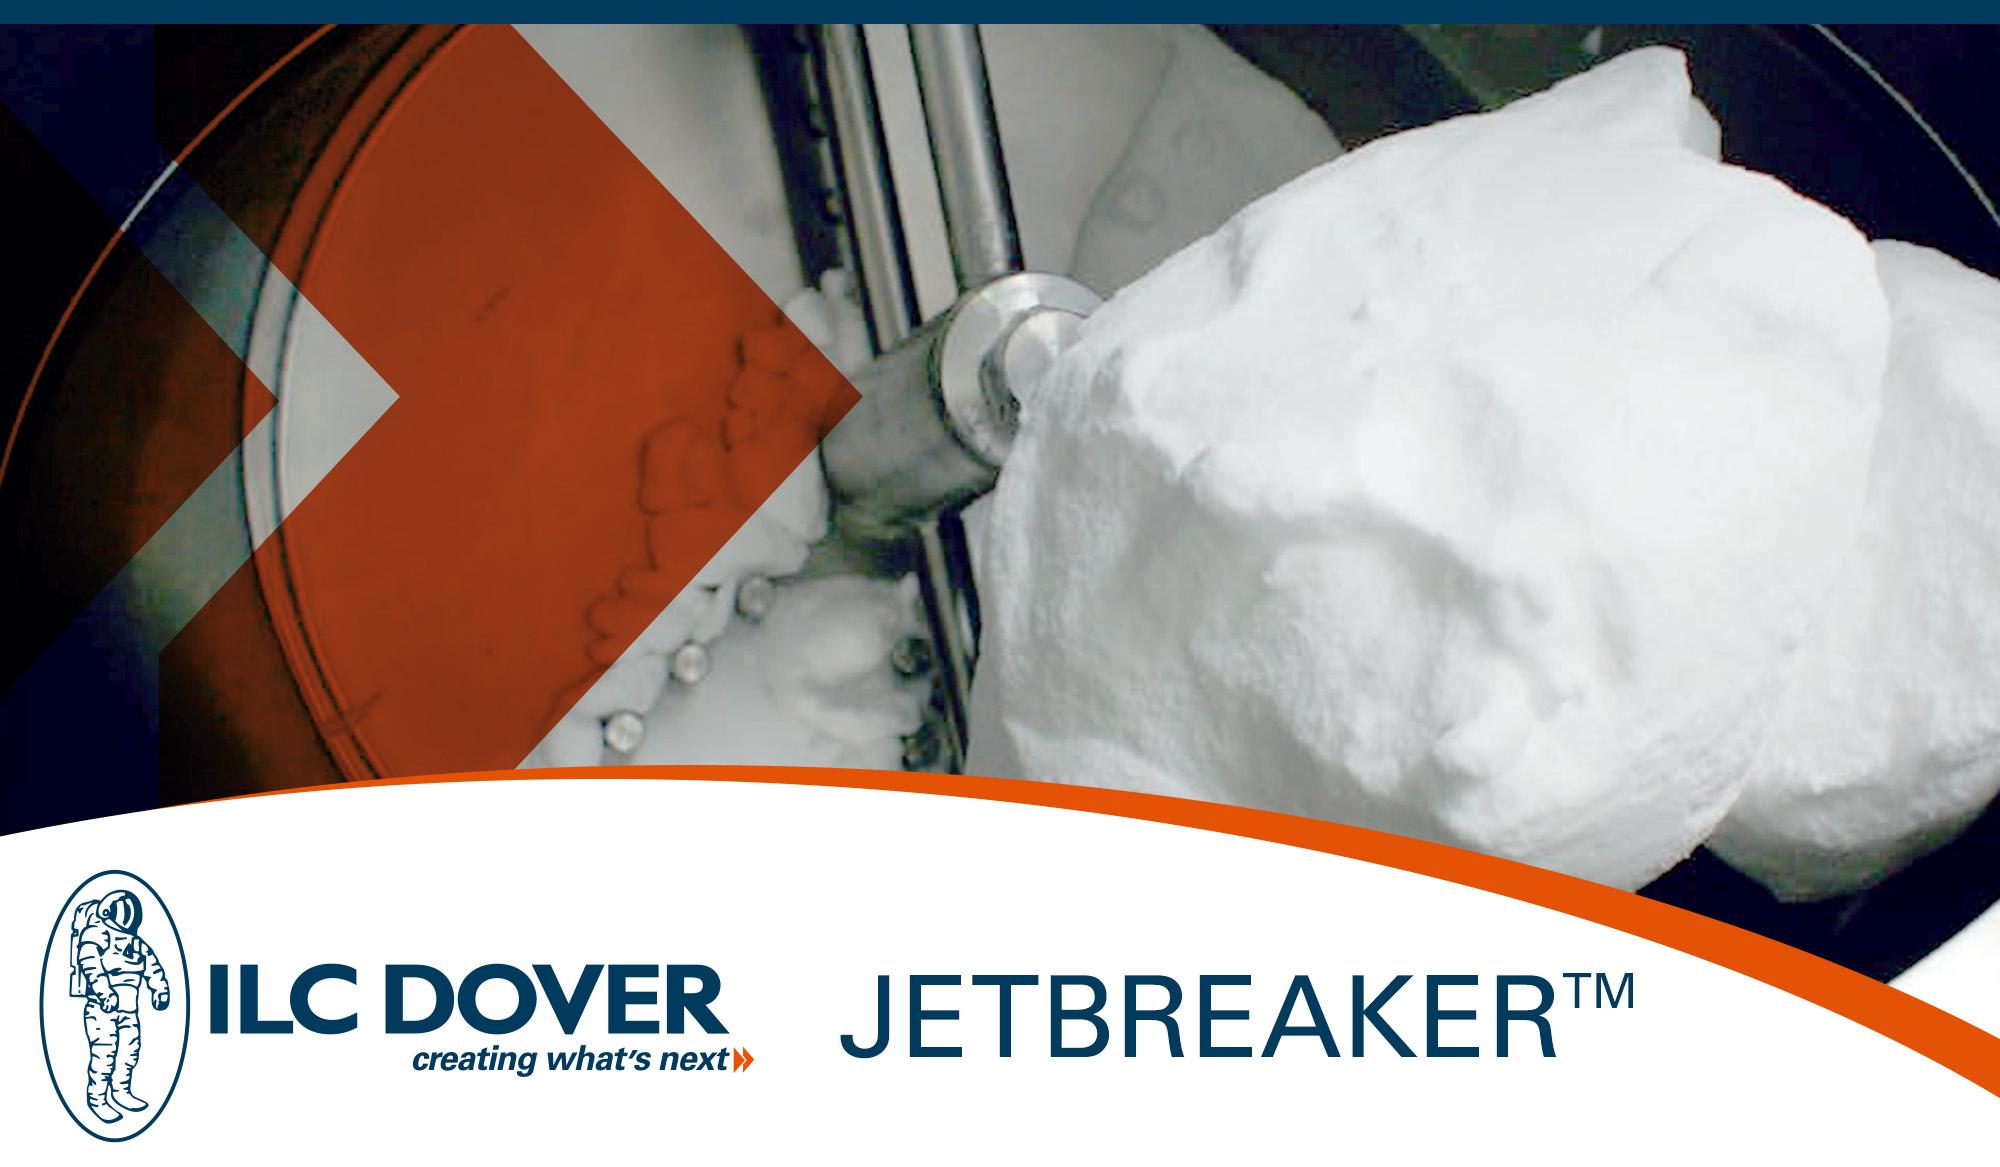 ILC Dover JetBreaker (Photo: Business Wire)